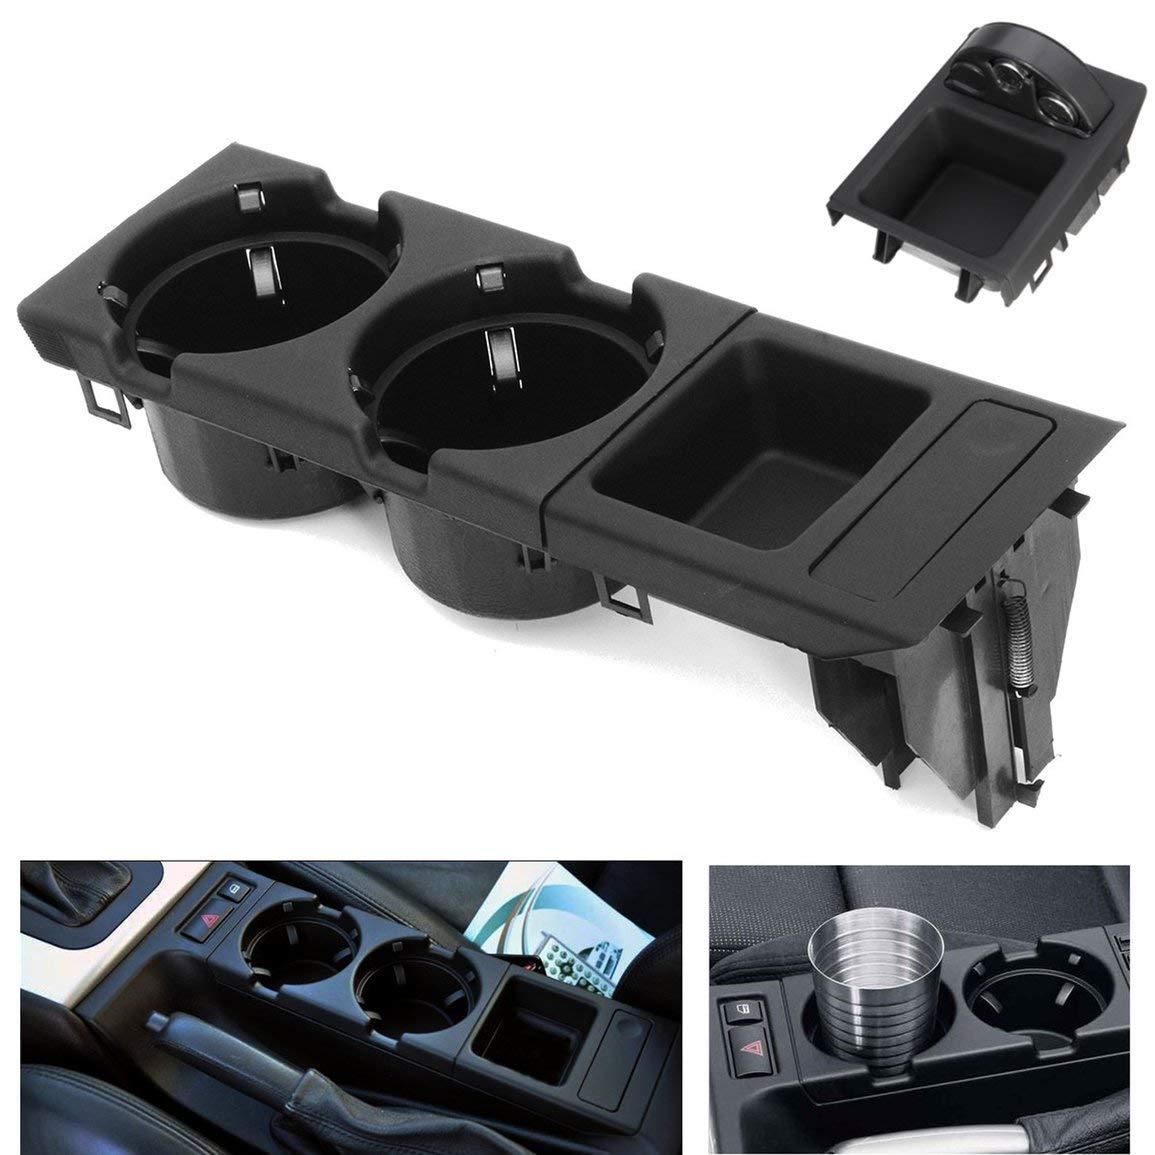 Bebida de la Consola Central Delantera/portavasos + Caja de Monedas para BMW E46 3 Series Bandeja de la Consola Central Delantera del automóvil Caja ...